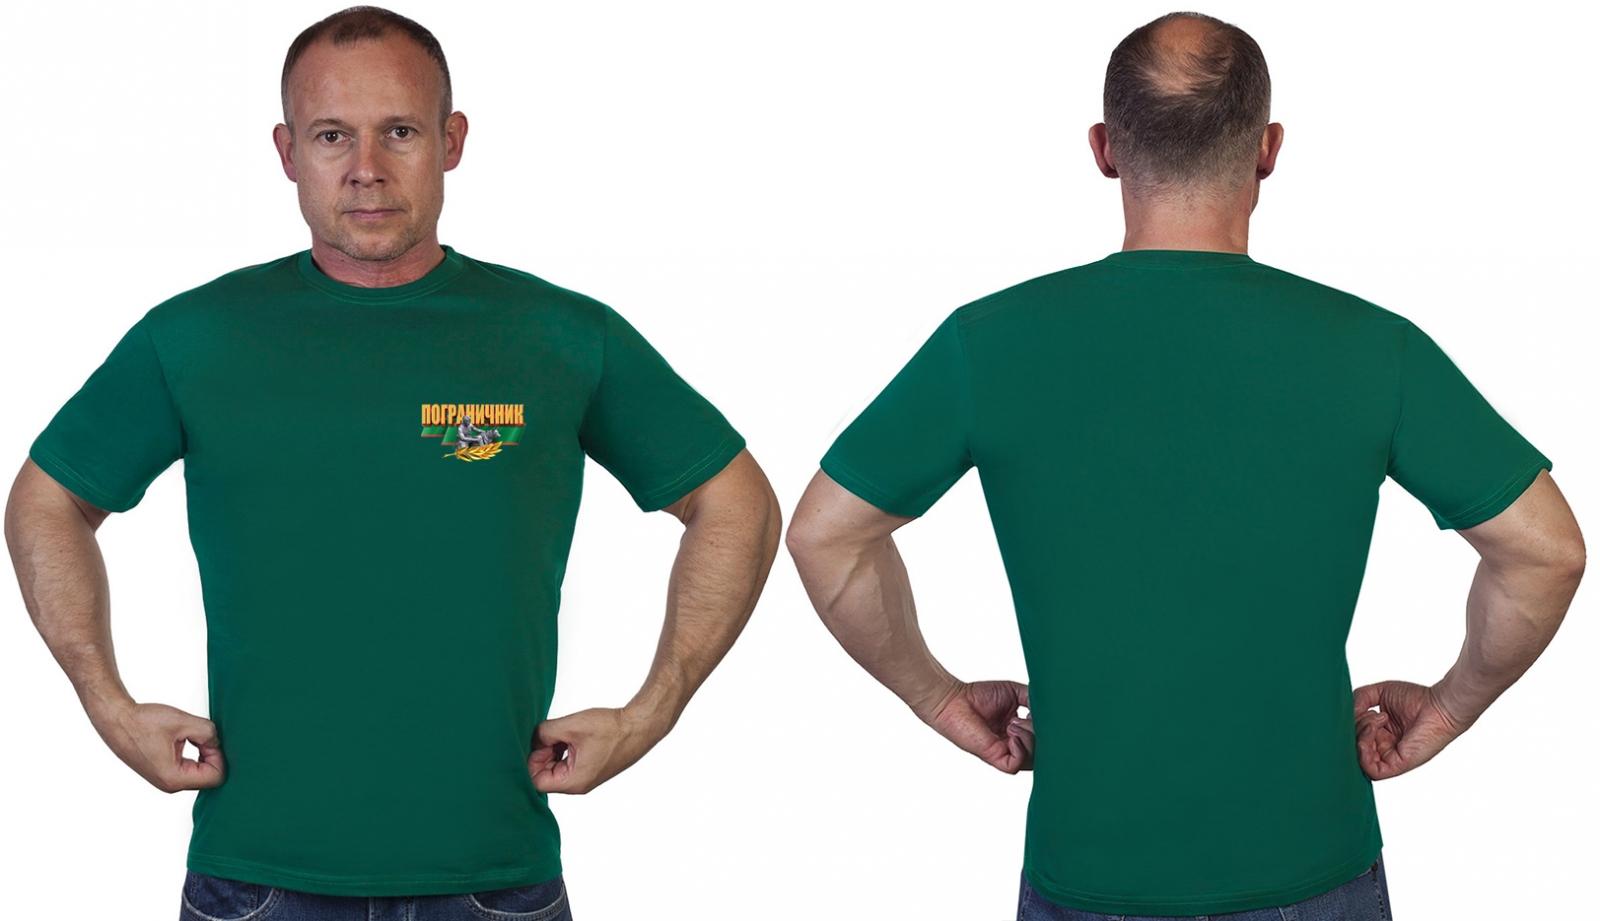 Зелёная мужская футболка Пограничник - в розницу и оптом